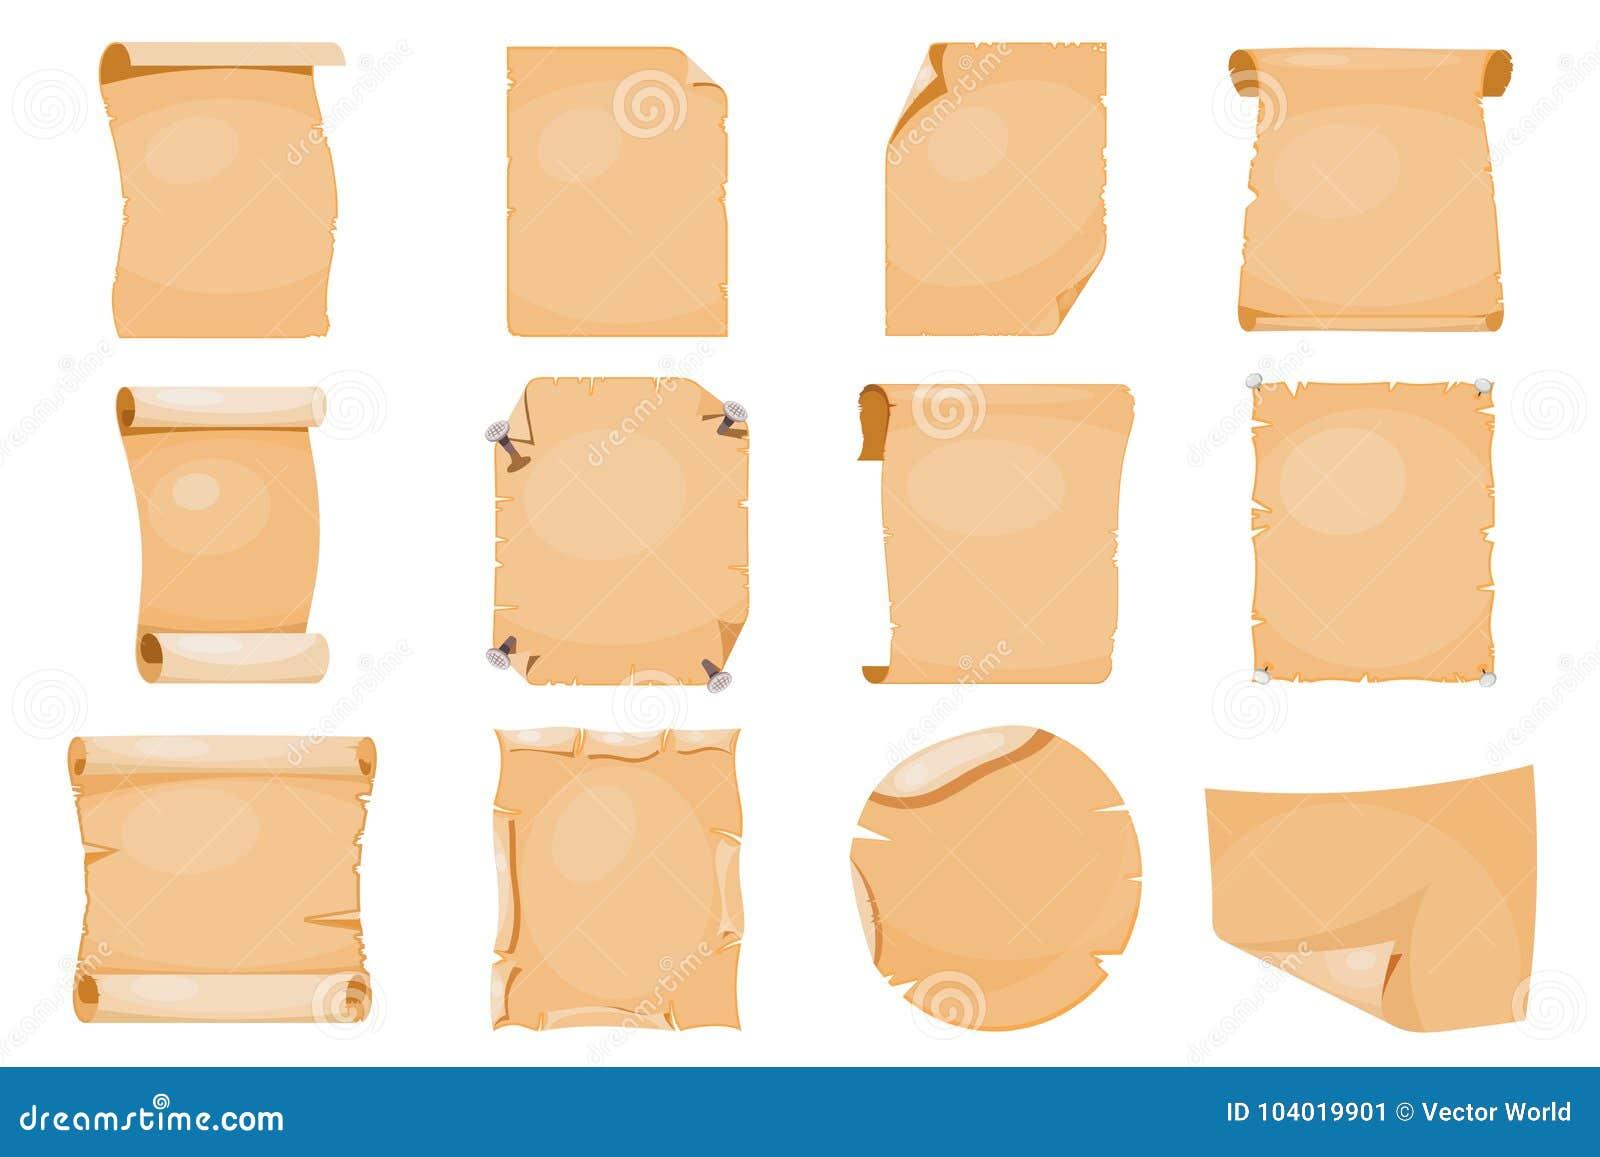 Παλαιά εγγράφου ρόλων κυλίνδρων αρχαία εκλεκτής ποιότητας παλαιά παπύρων διανυσματική απεικόνιση εγγράφων περγαμηνής σελίδων χειρ